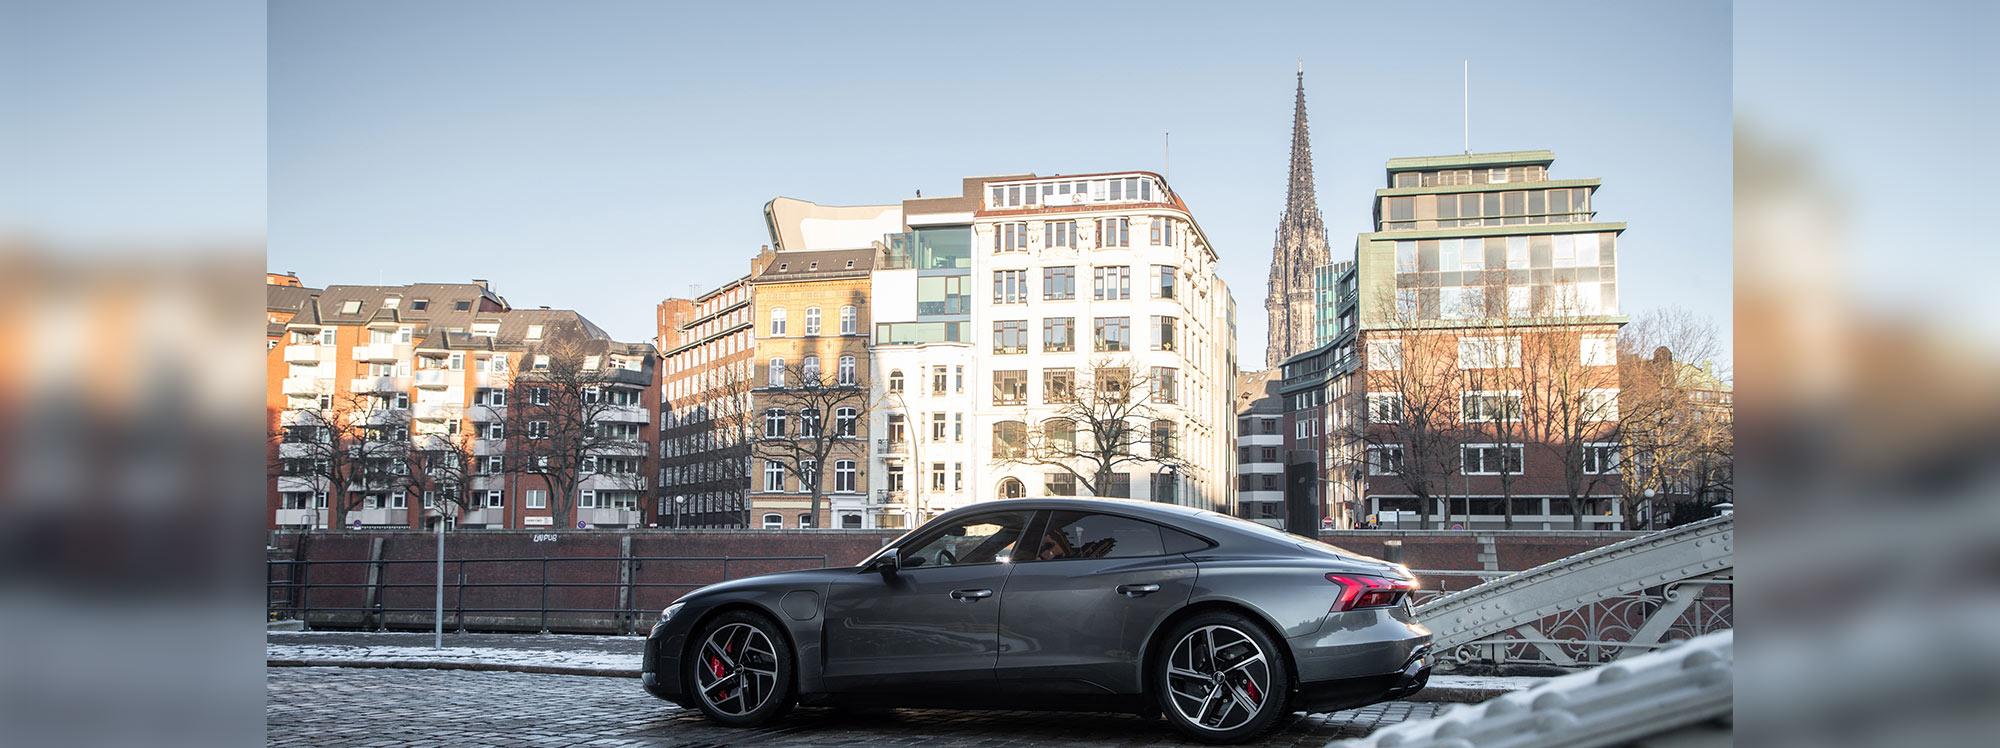 Audi quiere generar llantas de  aluminio sostenible para el Audi e-tron GT